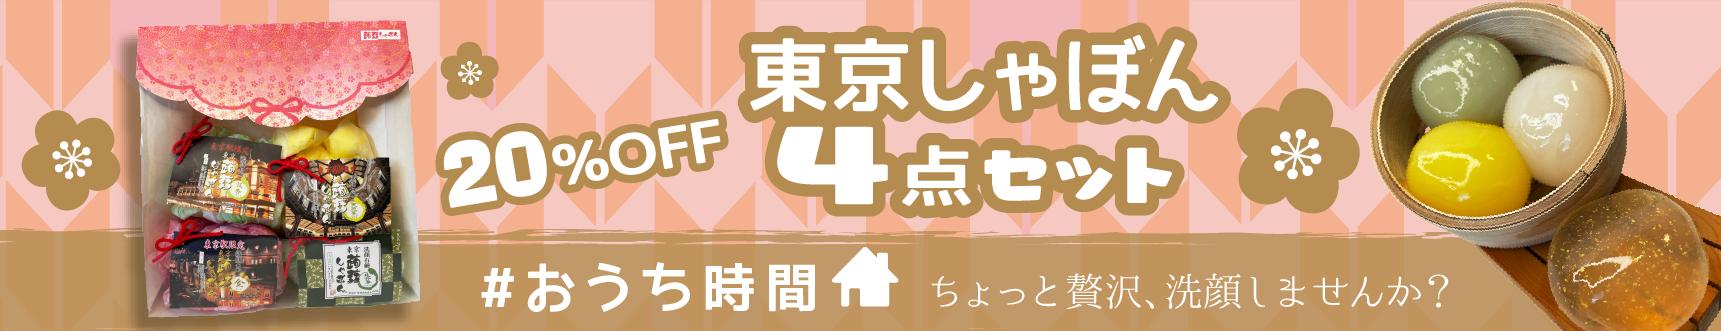 頑張れ!東京応援キャンペーンセット